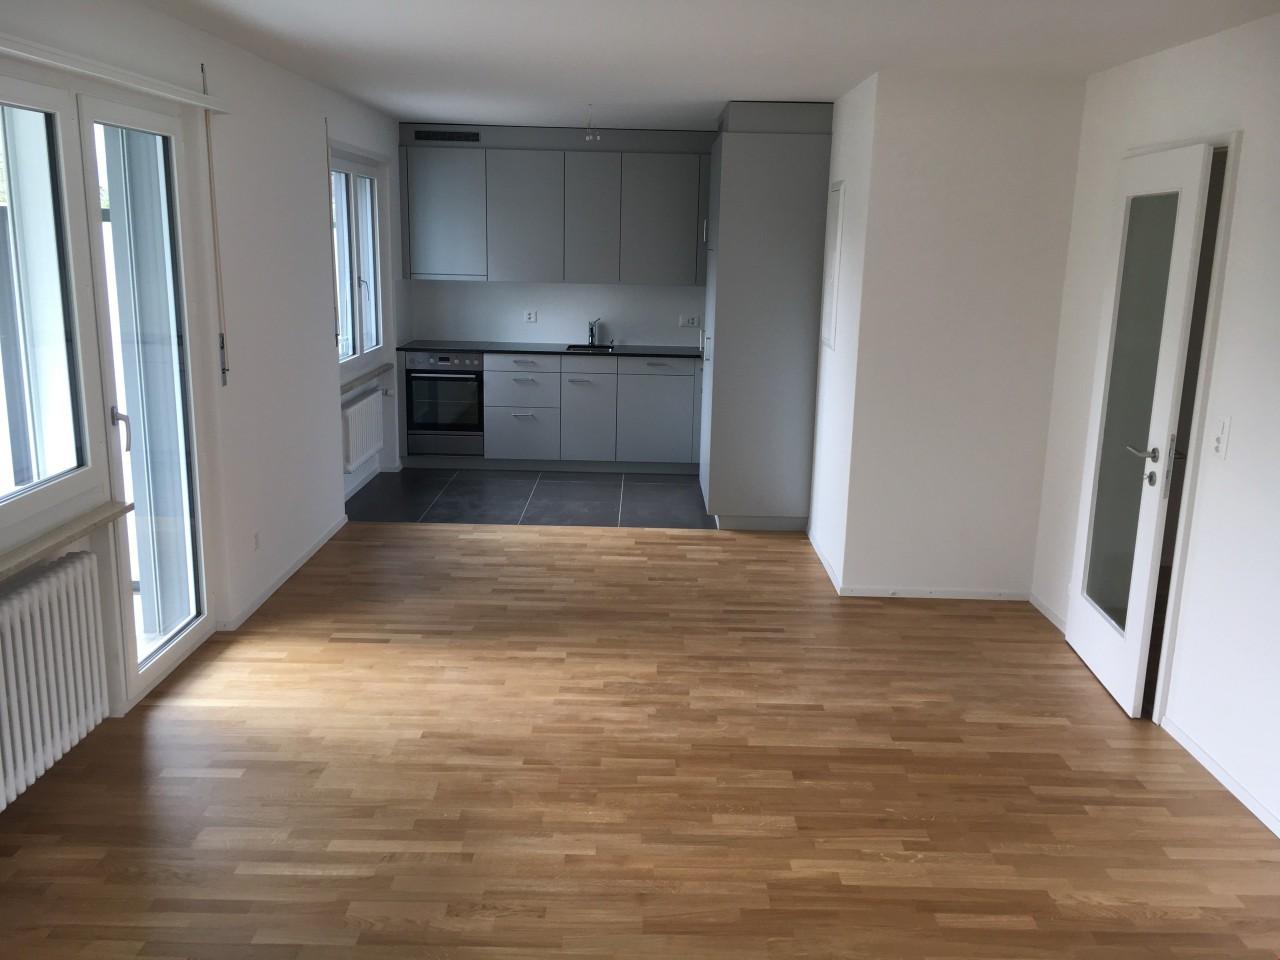 4 Zimmerwohnung In Neu Renovierter Liegenschaft Immoscout24